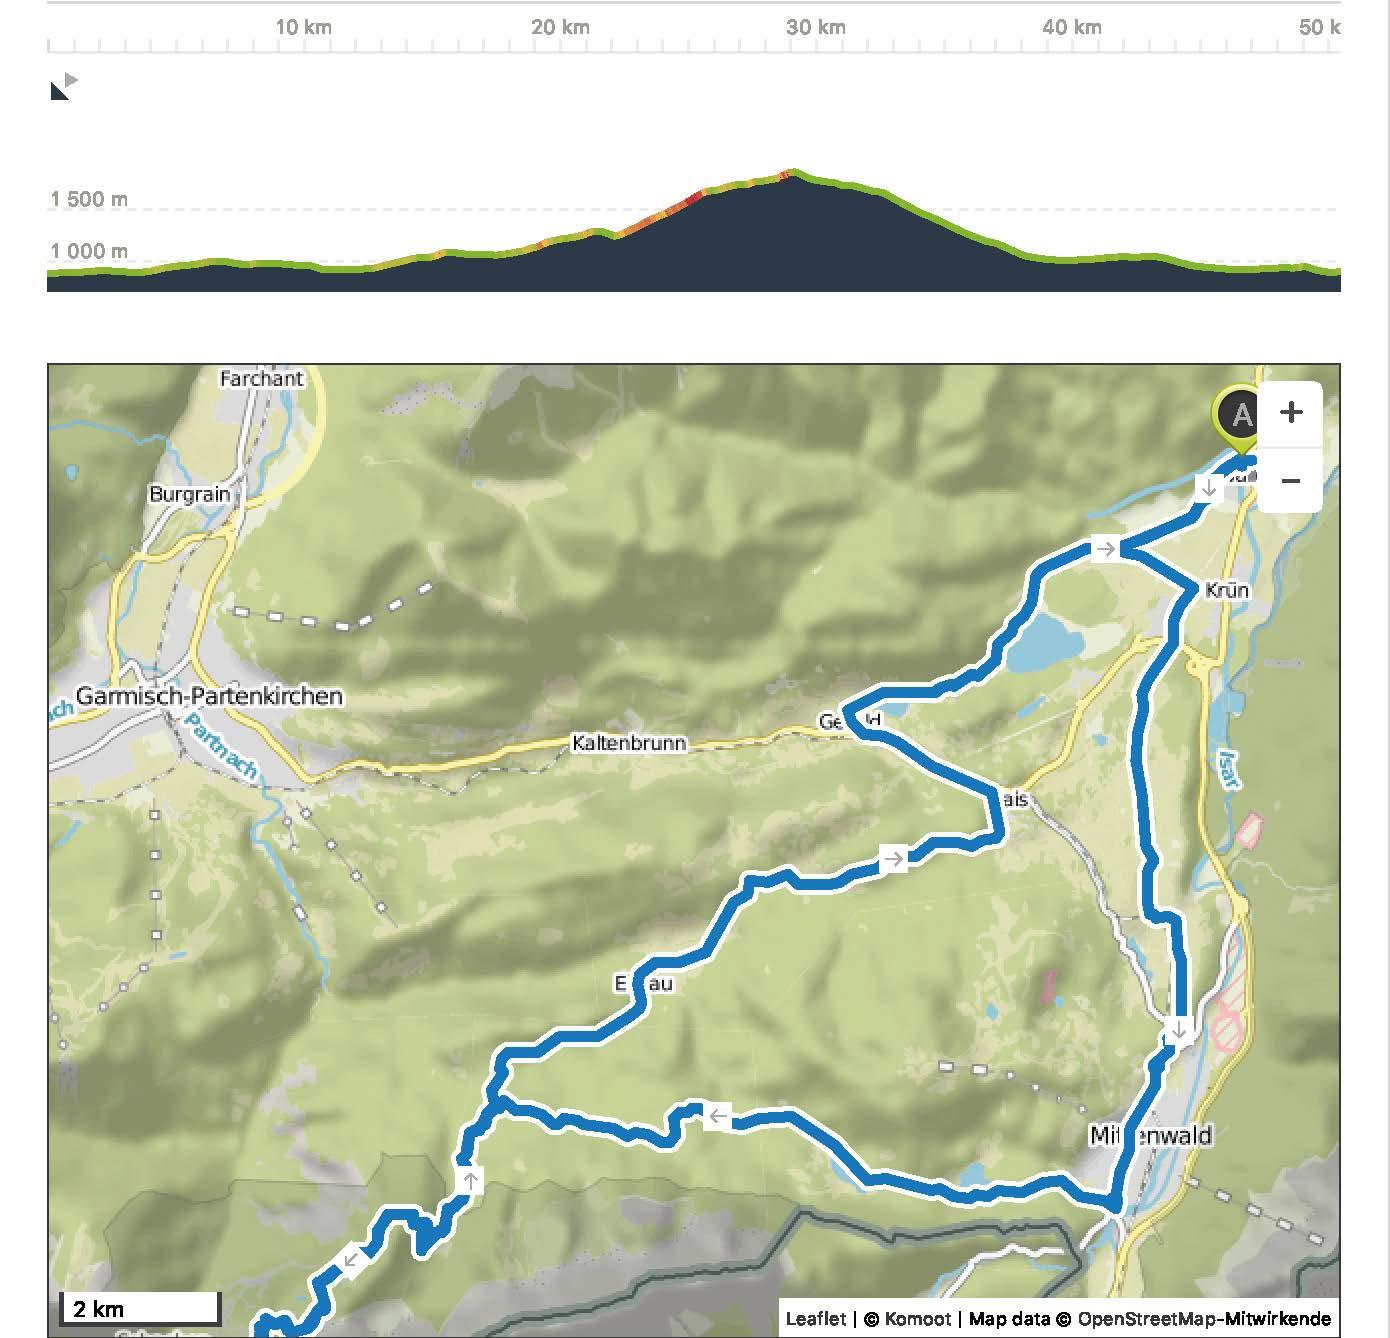 FC2_55-1515 _ Mountainbike-Tour _ Komoot